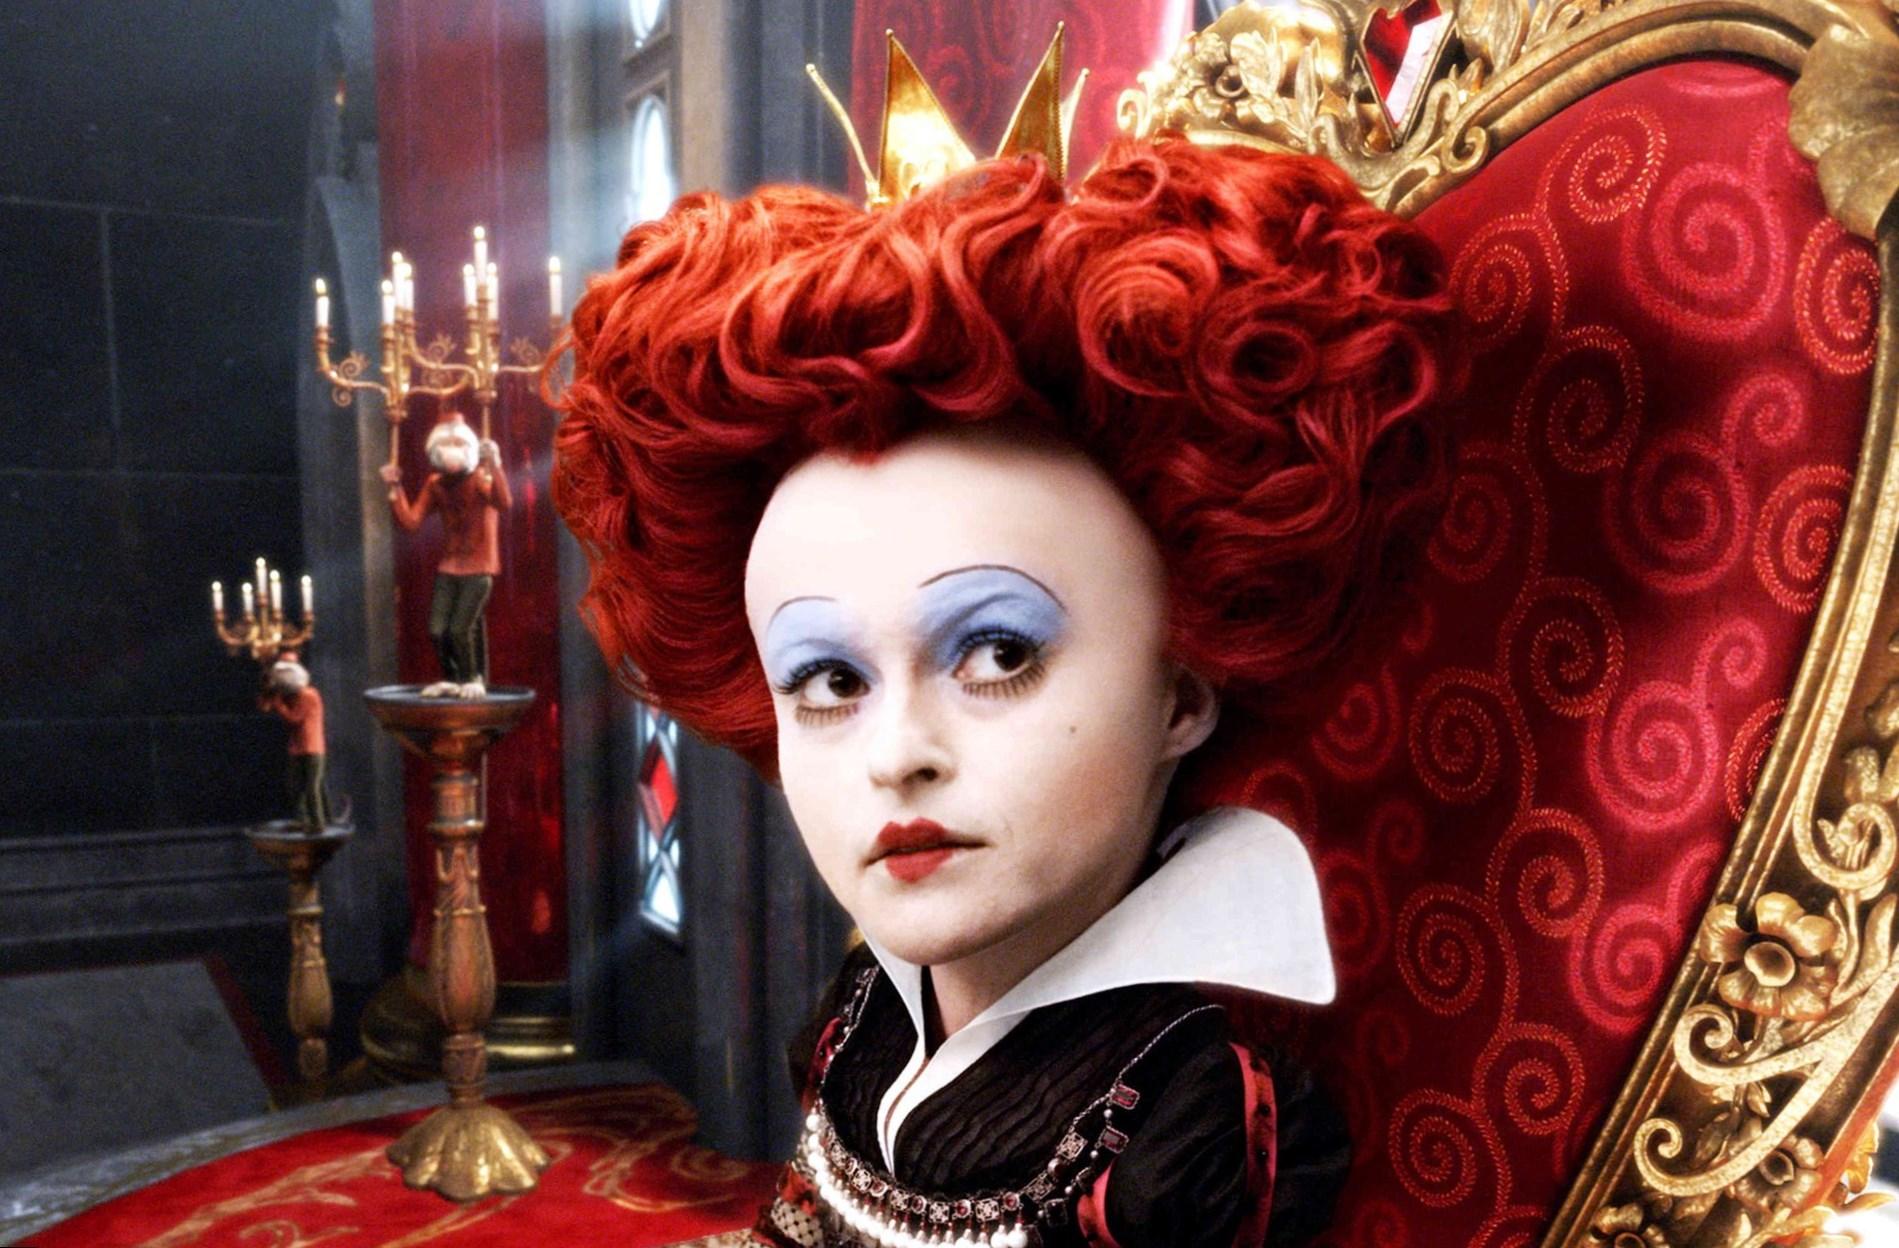 Helena Bonham Carter – Best Movies & TV shows Helena Bonham Carter